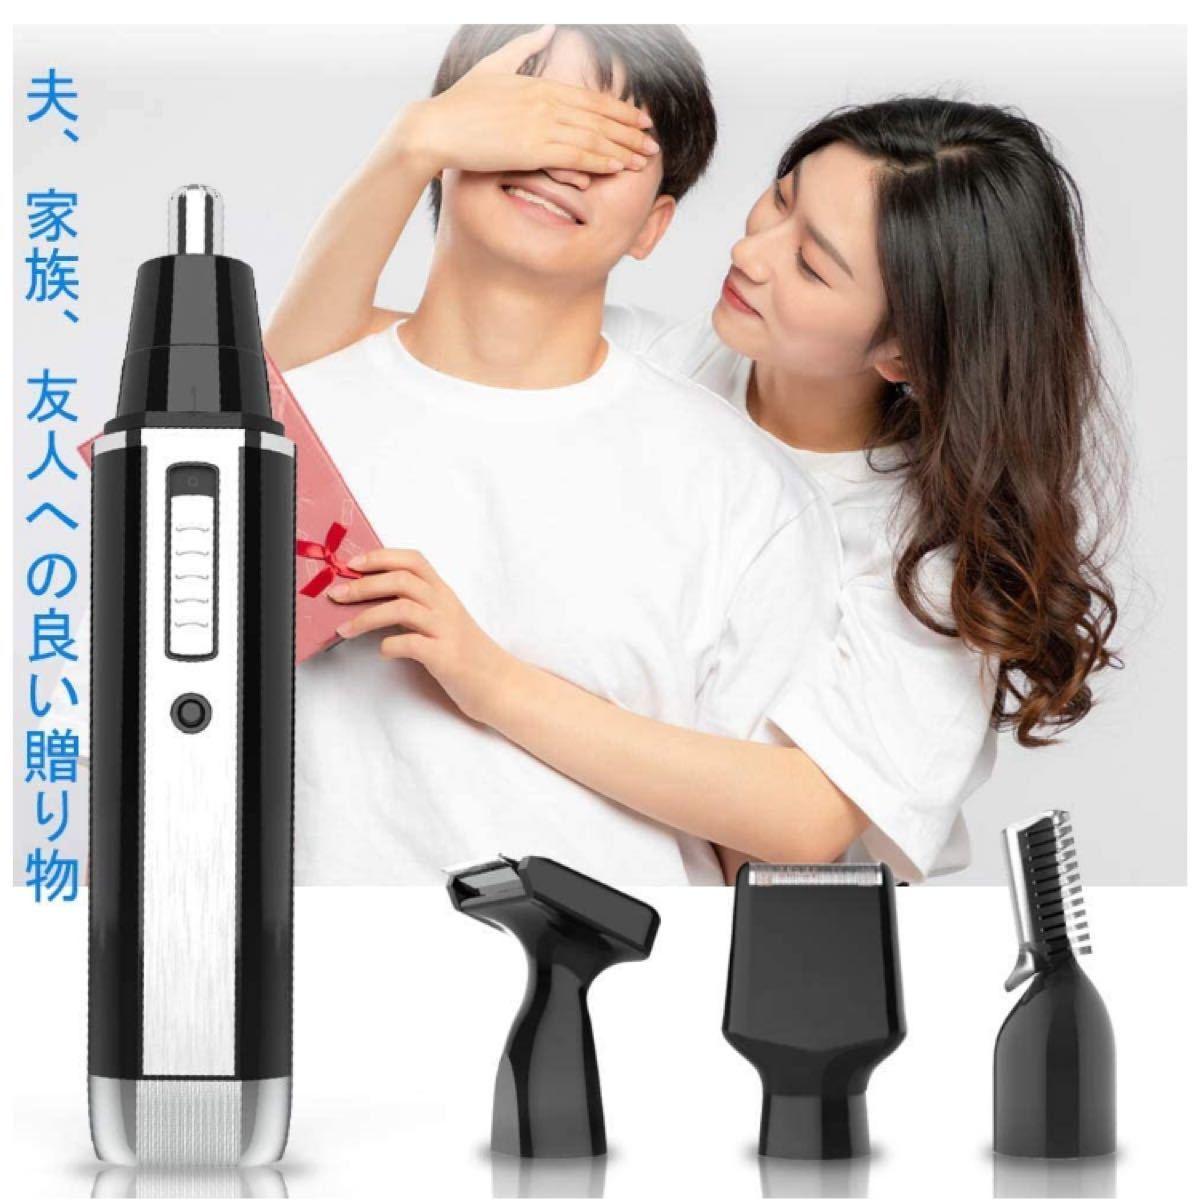 鼻毛カッター USB充電式 エチケットカッター メンズ はな毛カッター 水洗い可